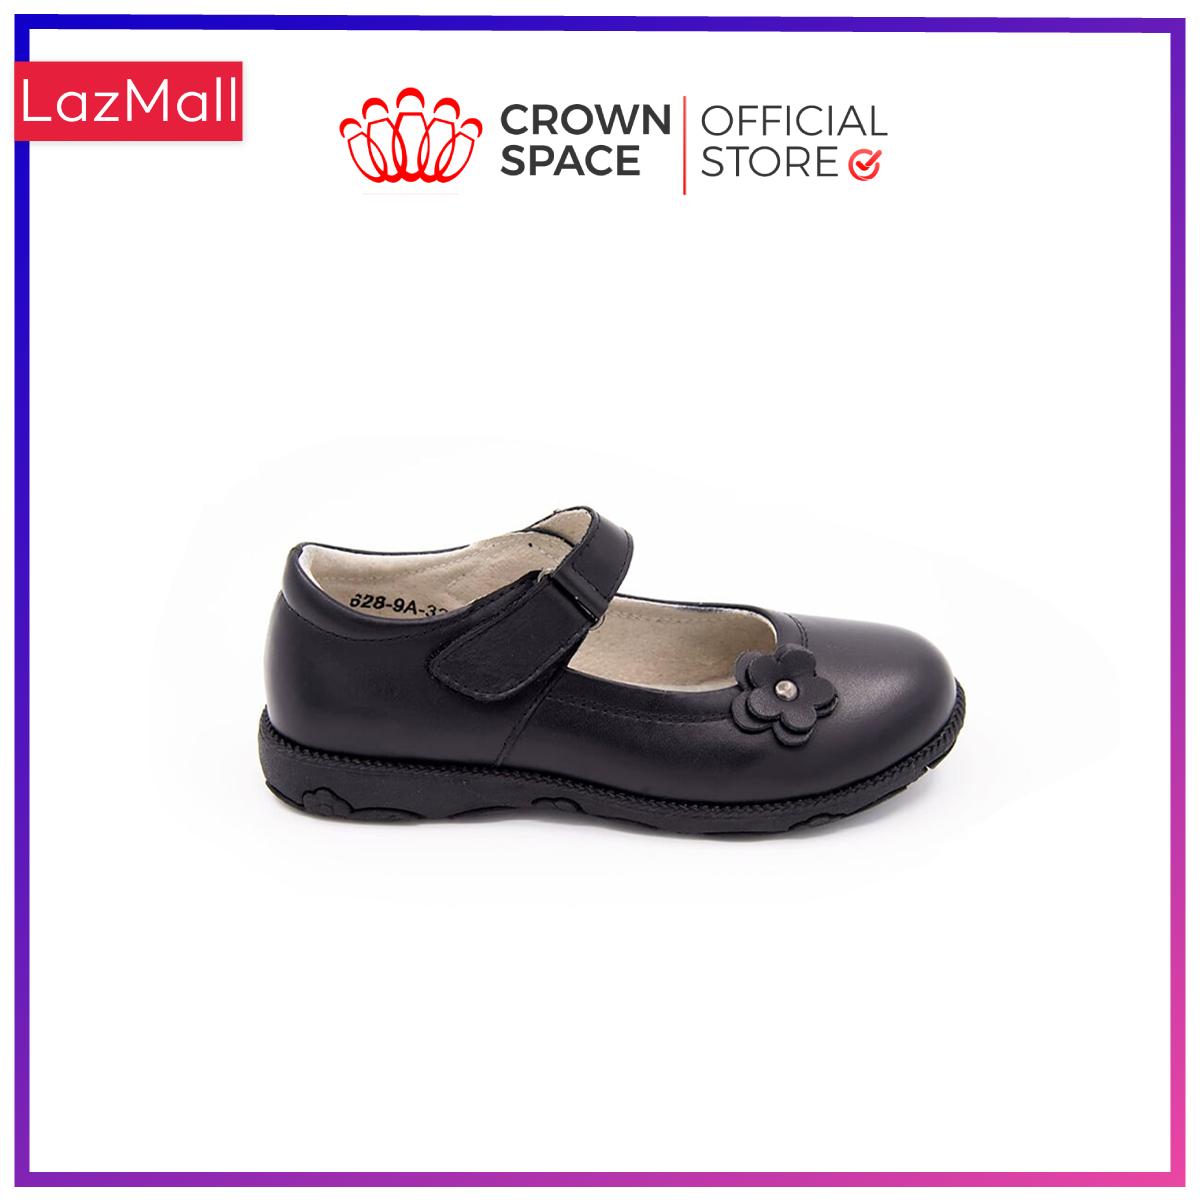 Giày Búp Bê Đi Học Bé Gái Crown Space UK School Shoes CRUK3039 Cao Cấp Nhẹ Êm Thoáng Mát Size 30-36/4-14 Tuổi